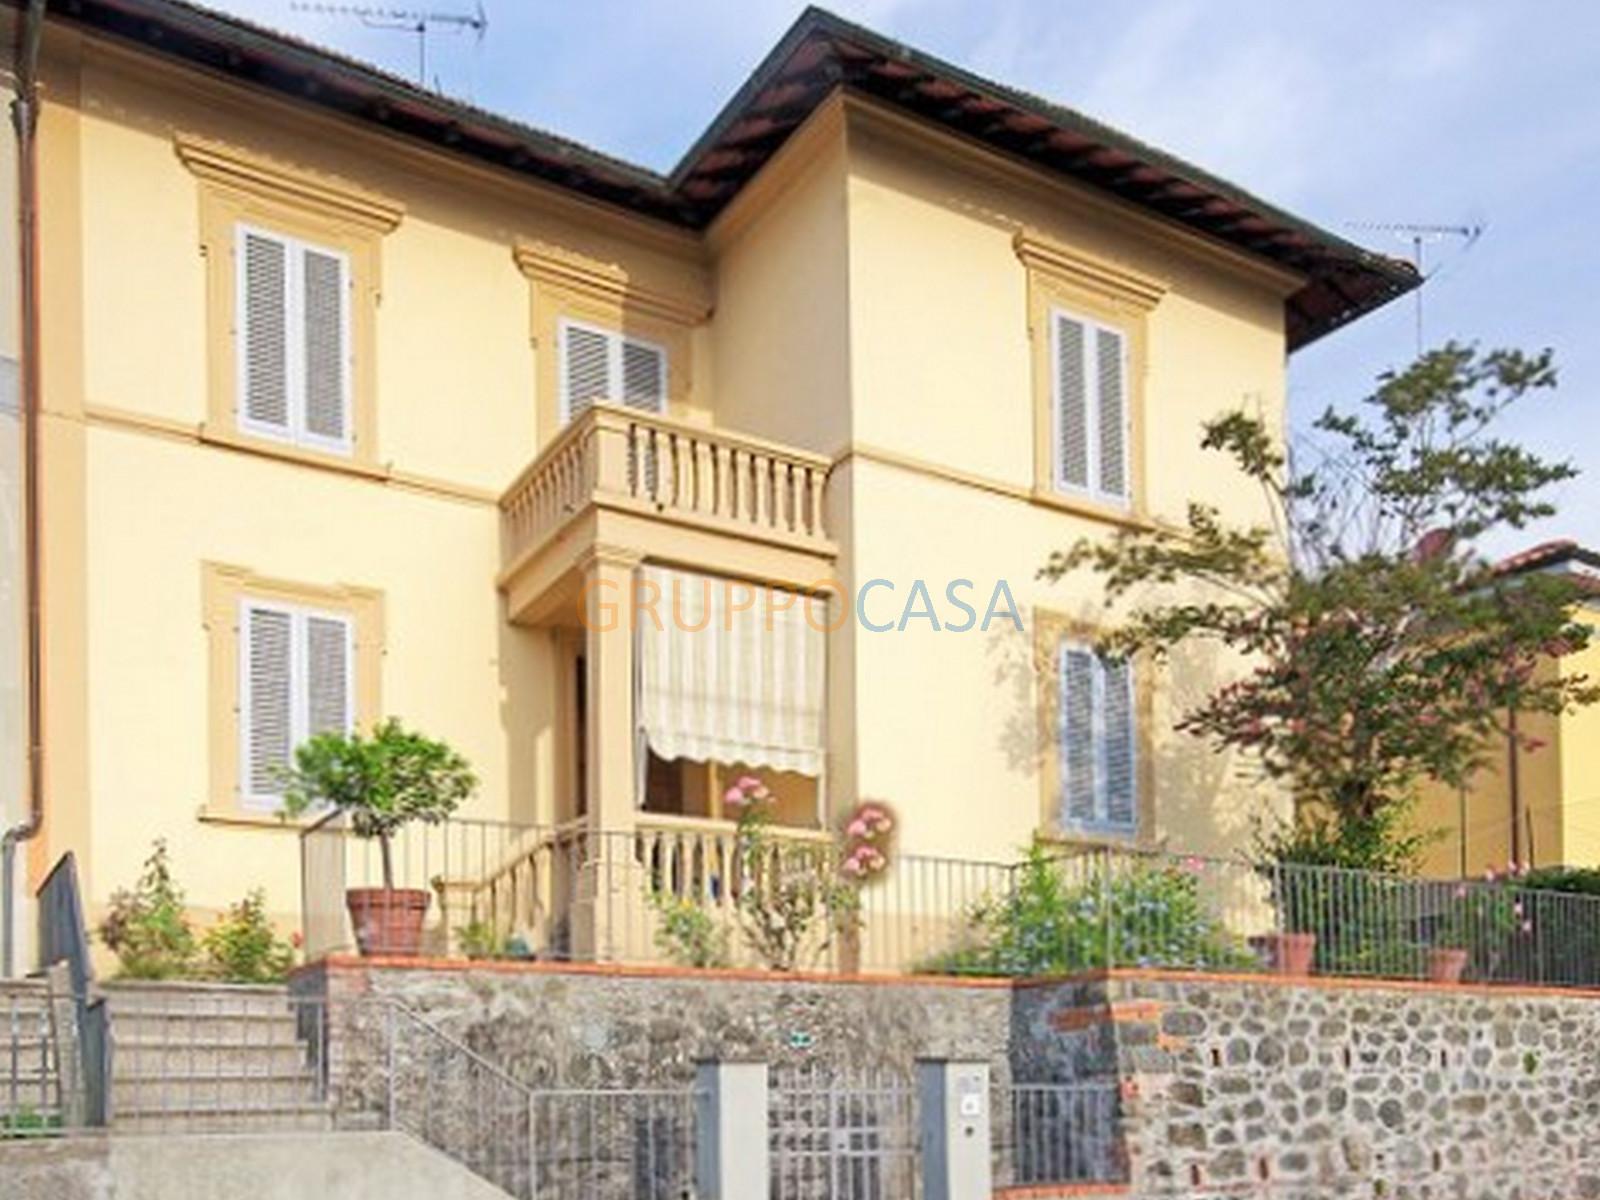 Soluzione Indipendente in vendita a Pescia, 6 locali, zona Località: Centro, prezzo € 259.000   Cambio Casa.it